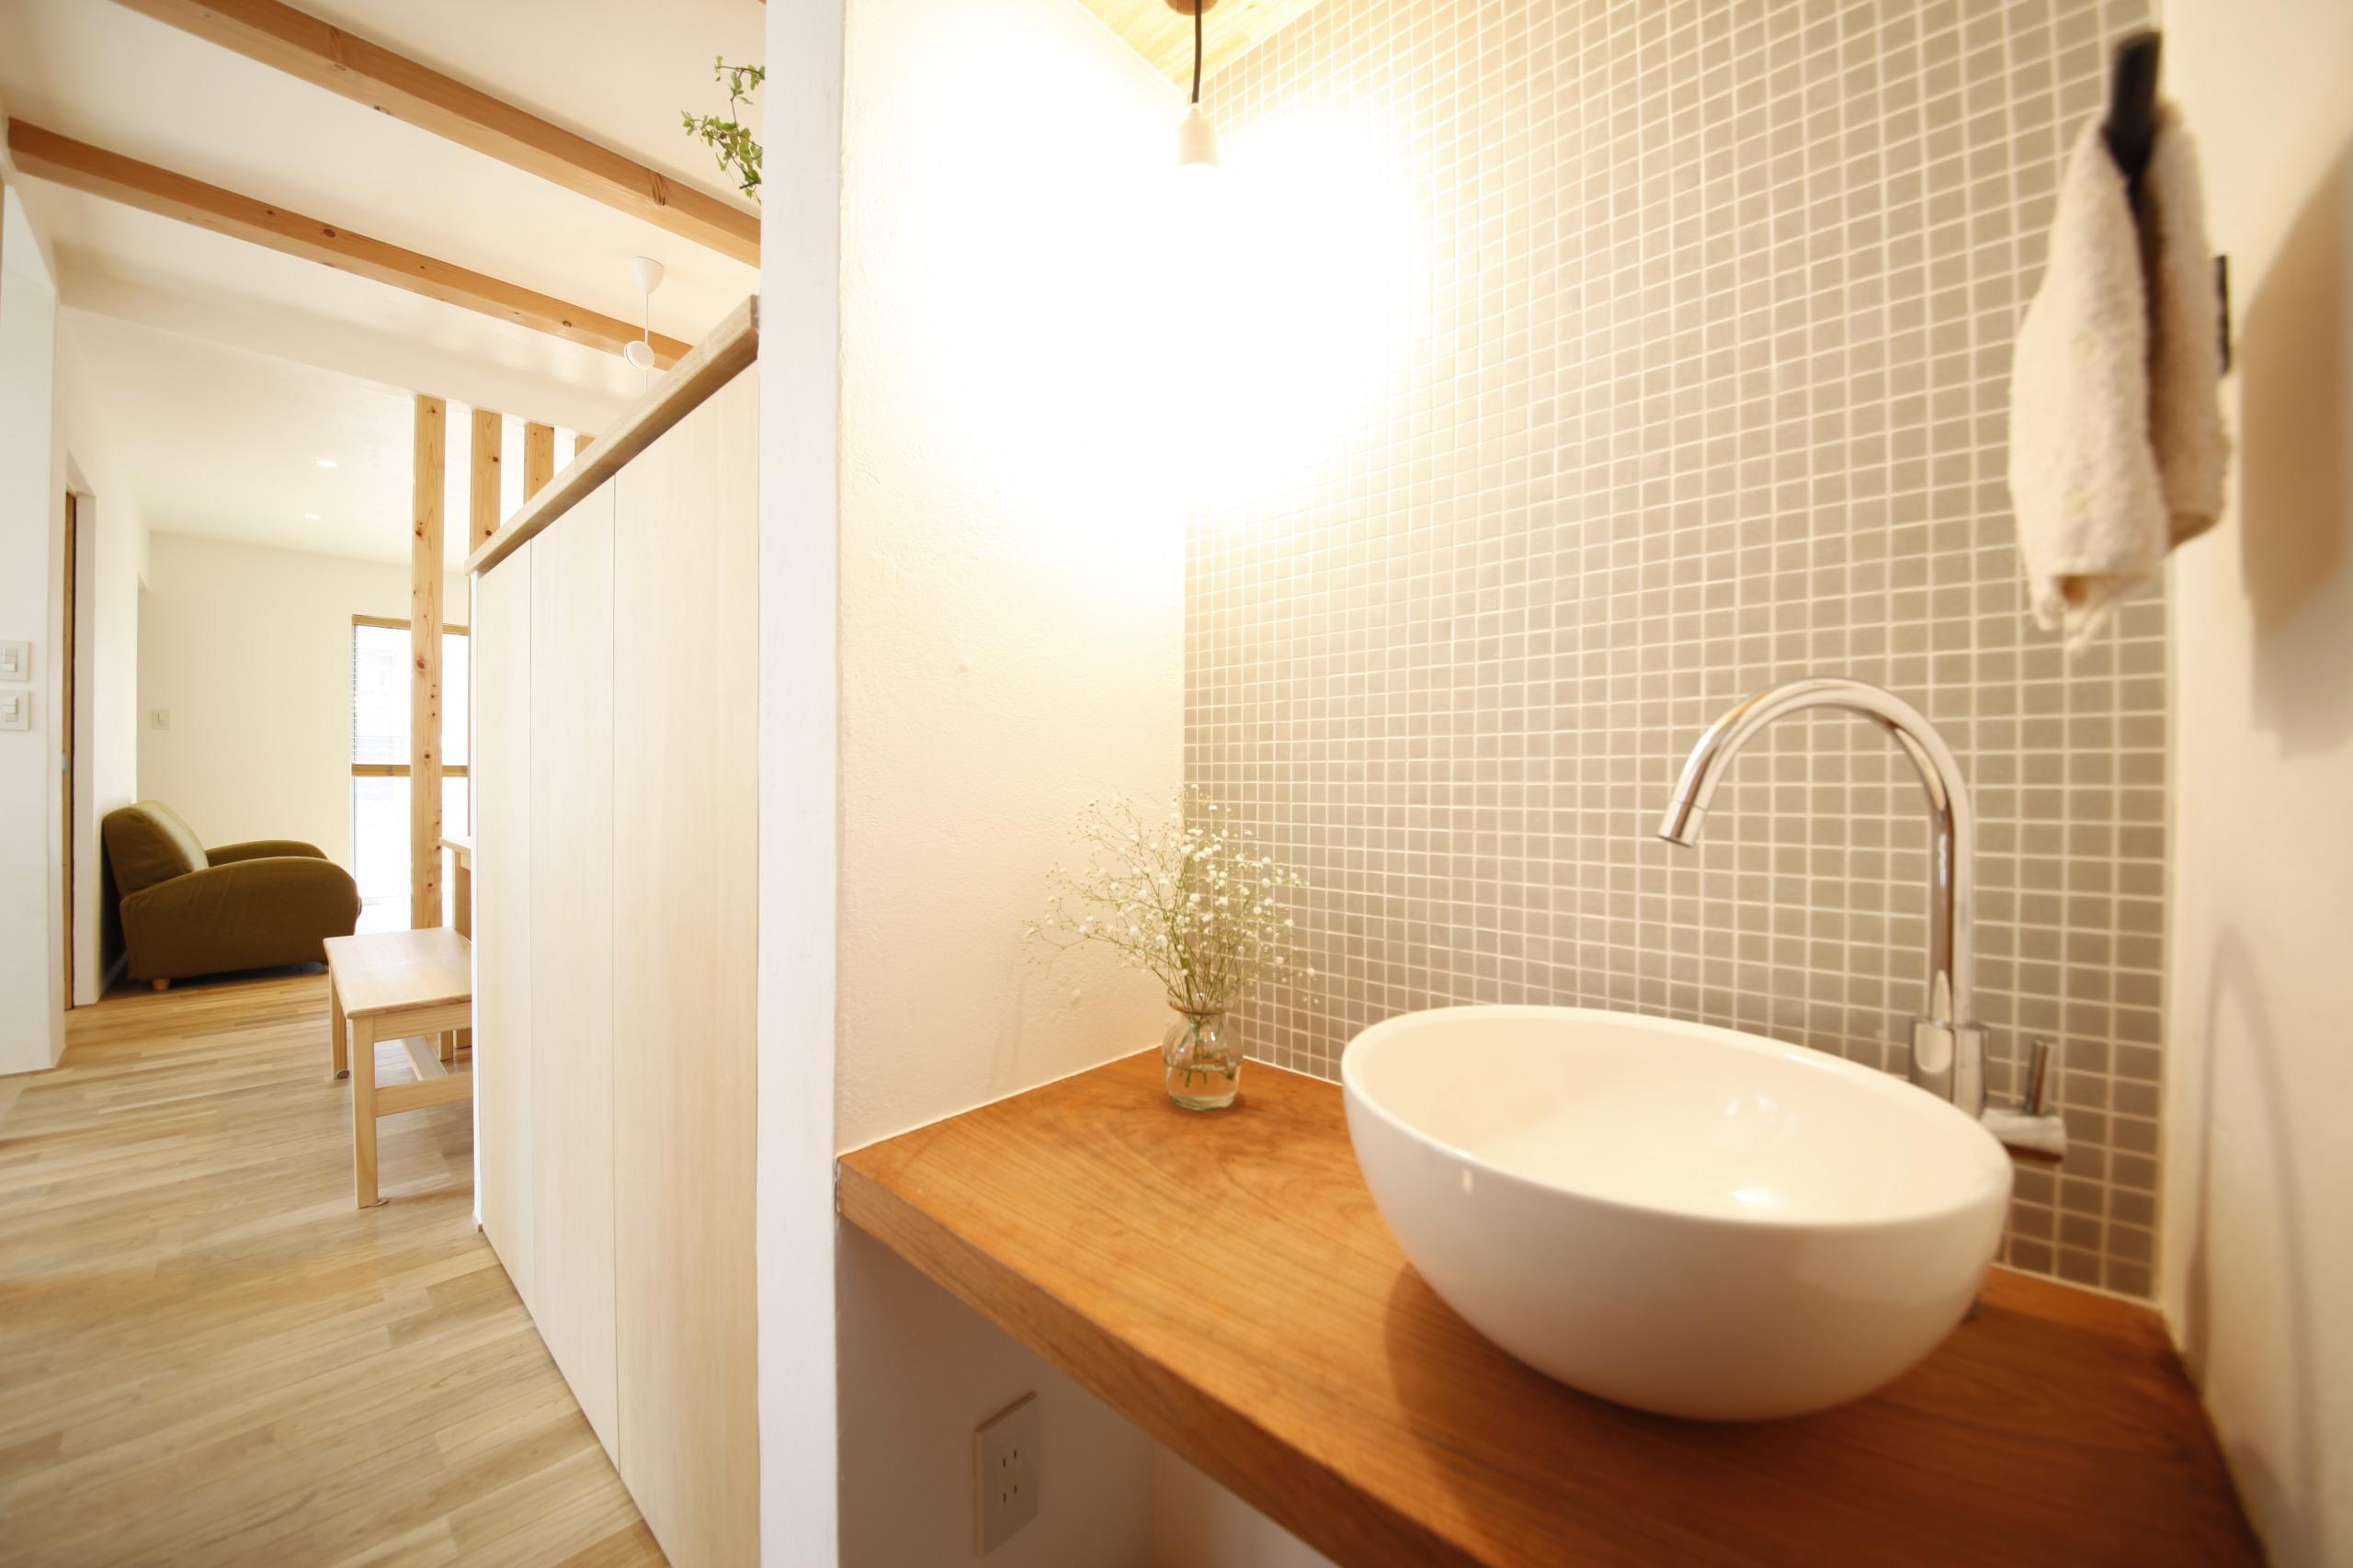 アトリエプラス【デザイン住宅、子育て、自然素材】こだわりの洗面台。タイルの壁に洗面ボール、吊り下げ照明で洗練されたコーディネート